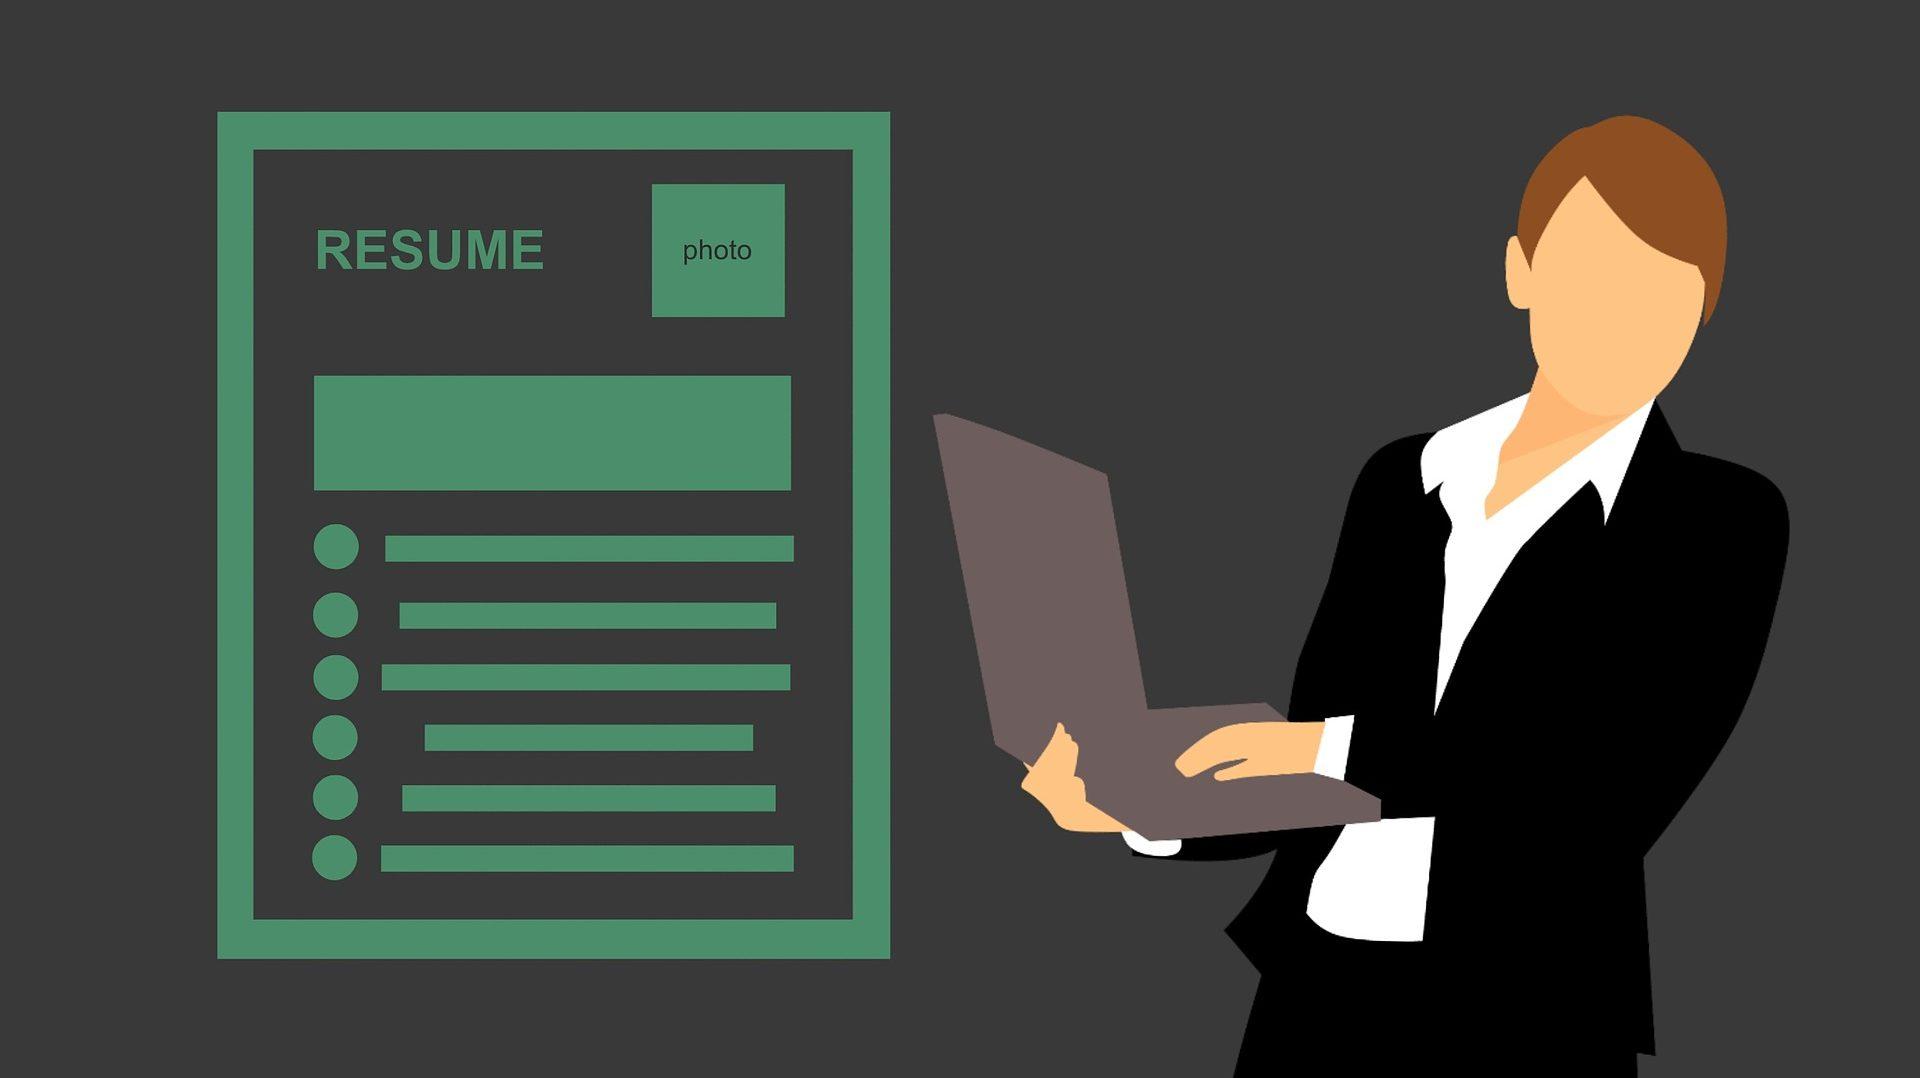 Contoh Format Cv Yang Kreatif Dan Tidak Membosankan Red Hat Blog